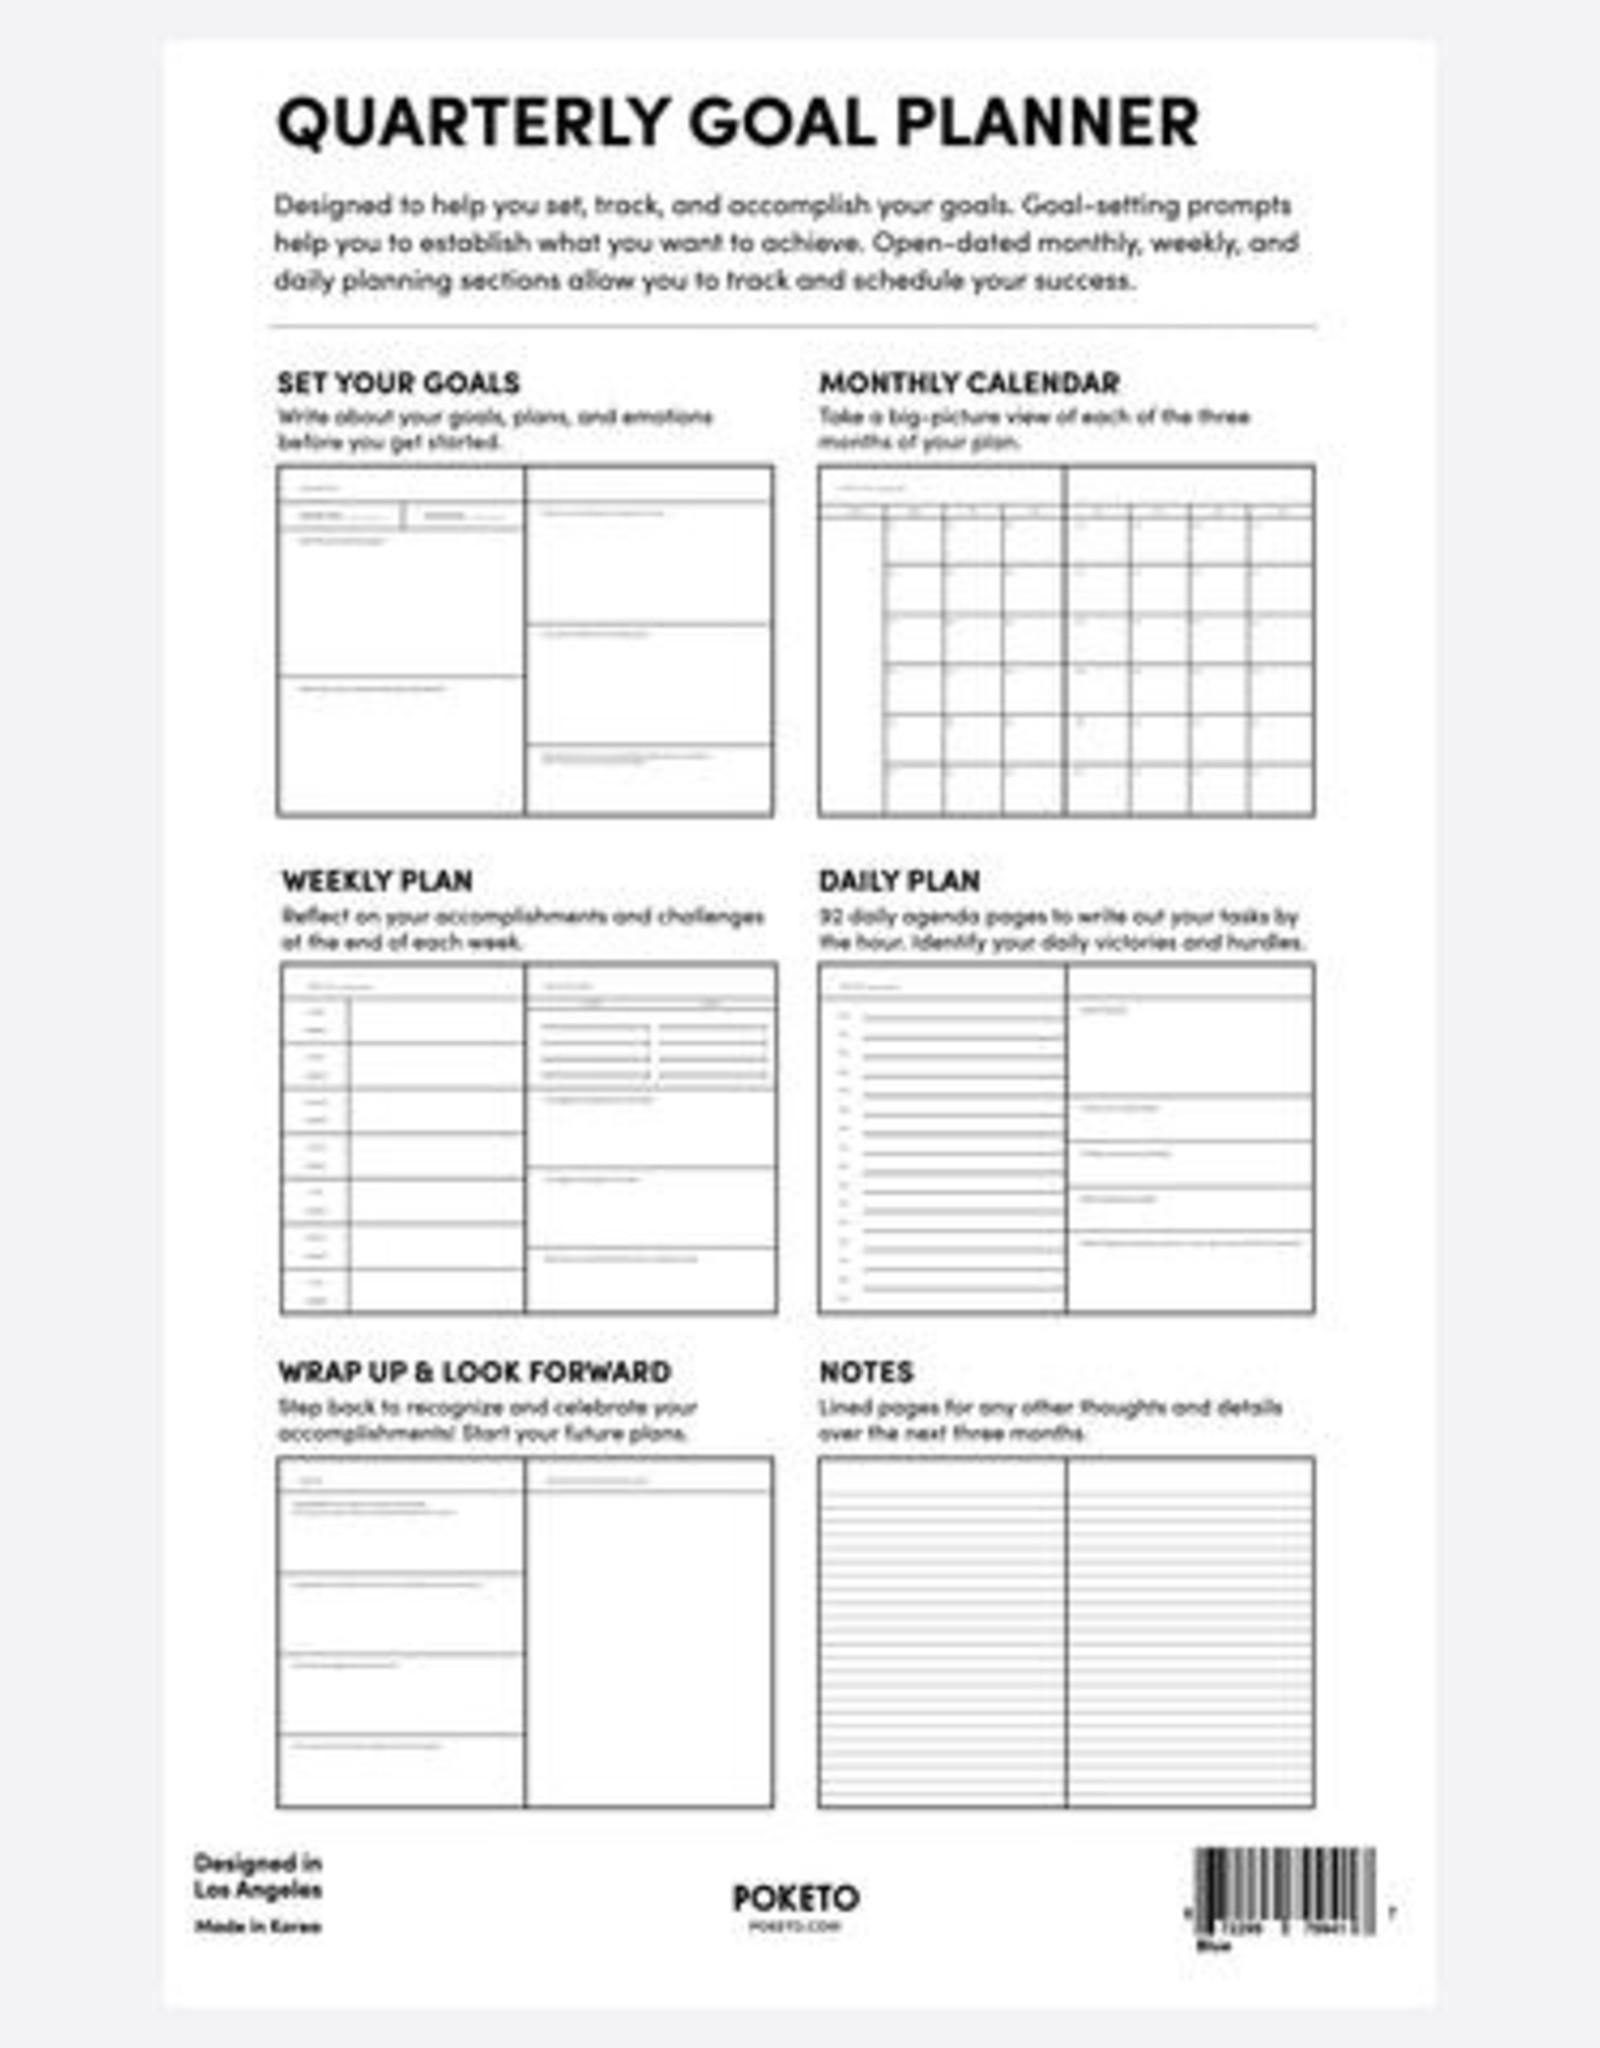 Poketo Quarterly Goal Planner - Green